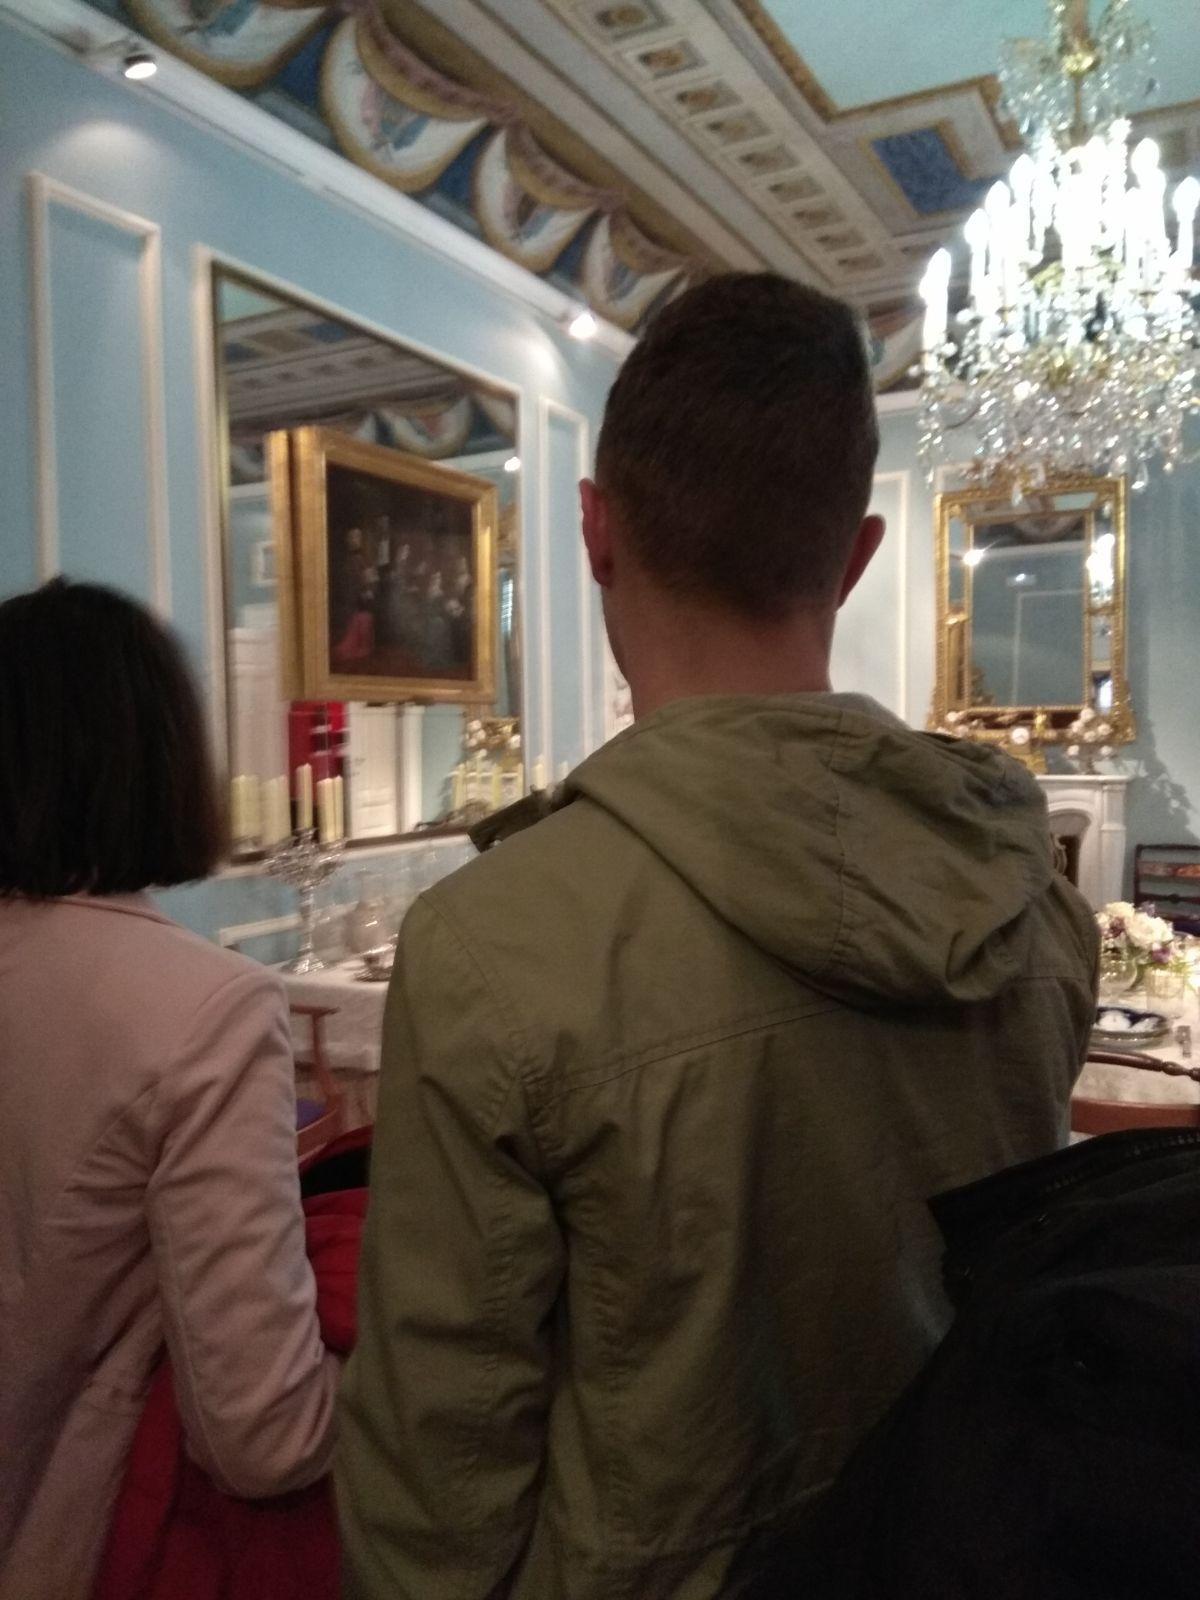 Visita al Museo Romántico 5/04/2018 1